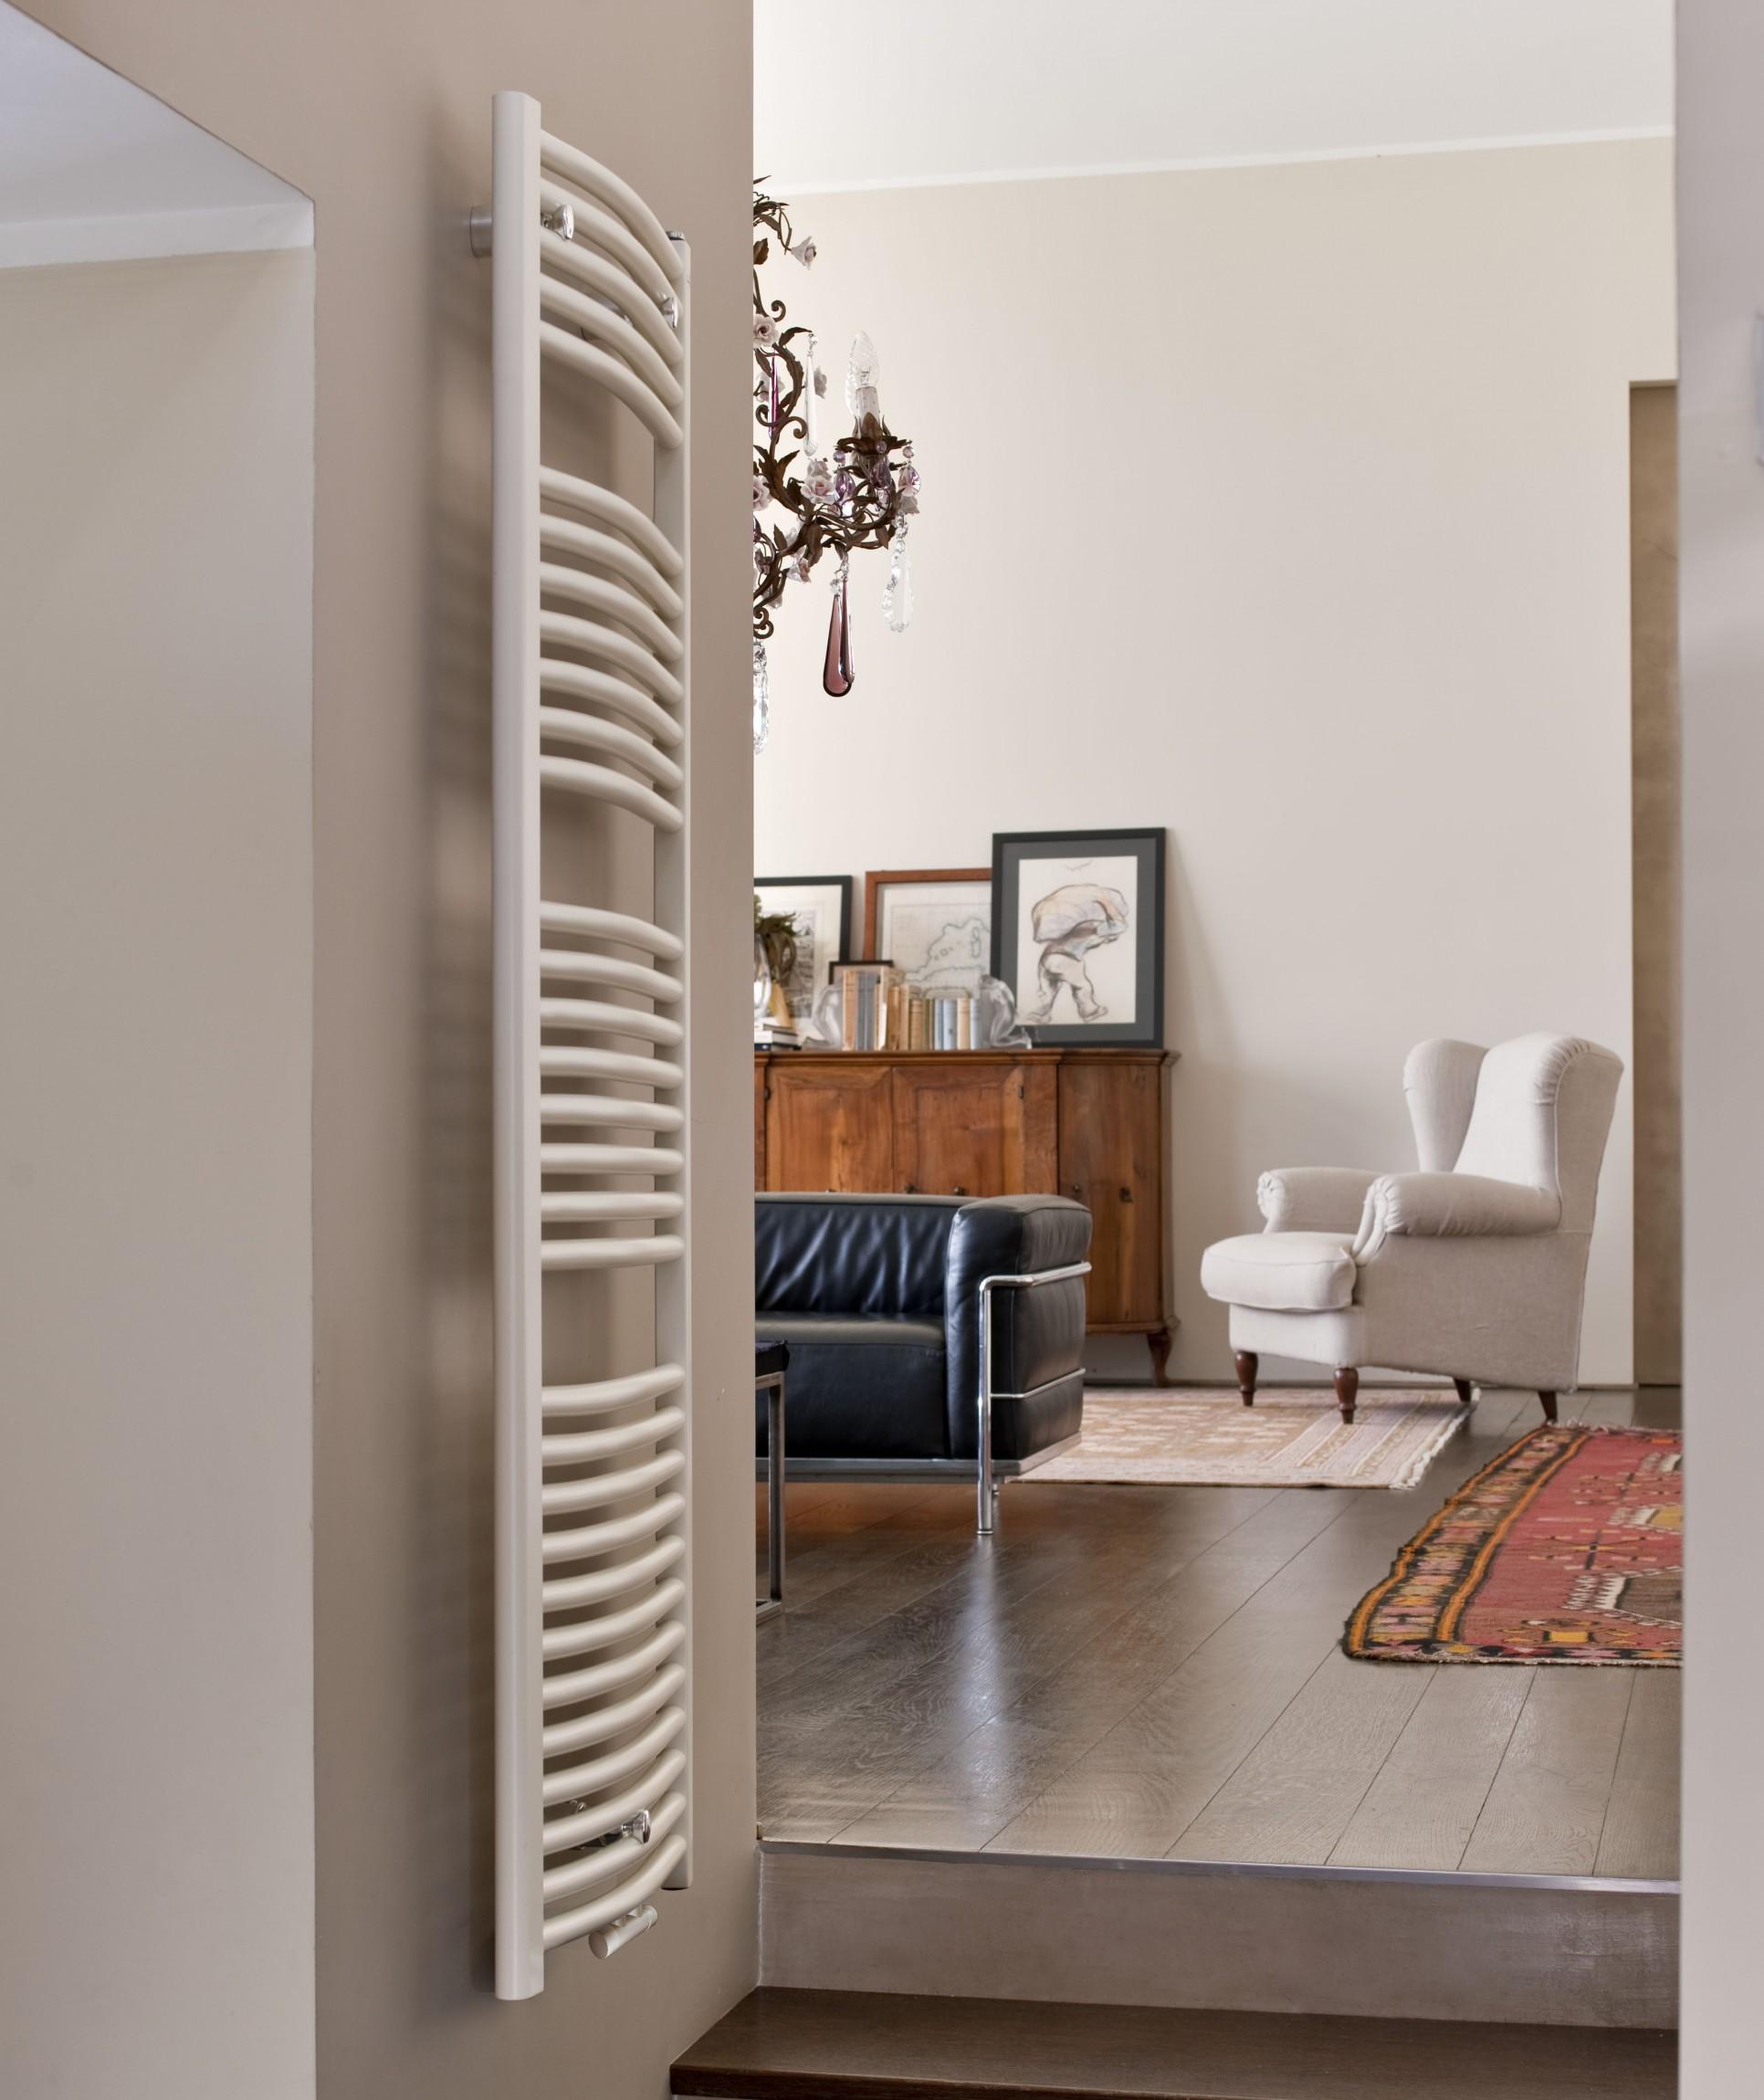 heizk rper bad gebogen 1200 x 500 mm 604 watt heizk rper badheizk rper. Black Bedroom Furniture Sets. Home Design Ideas